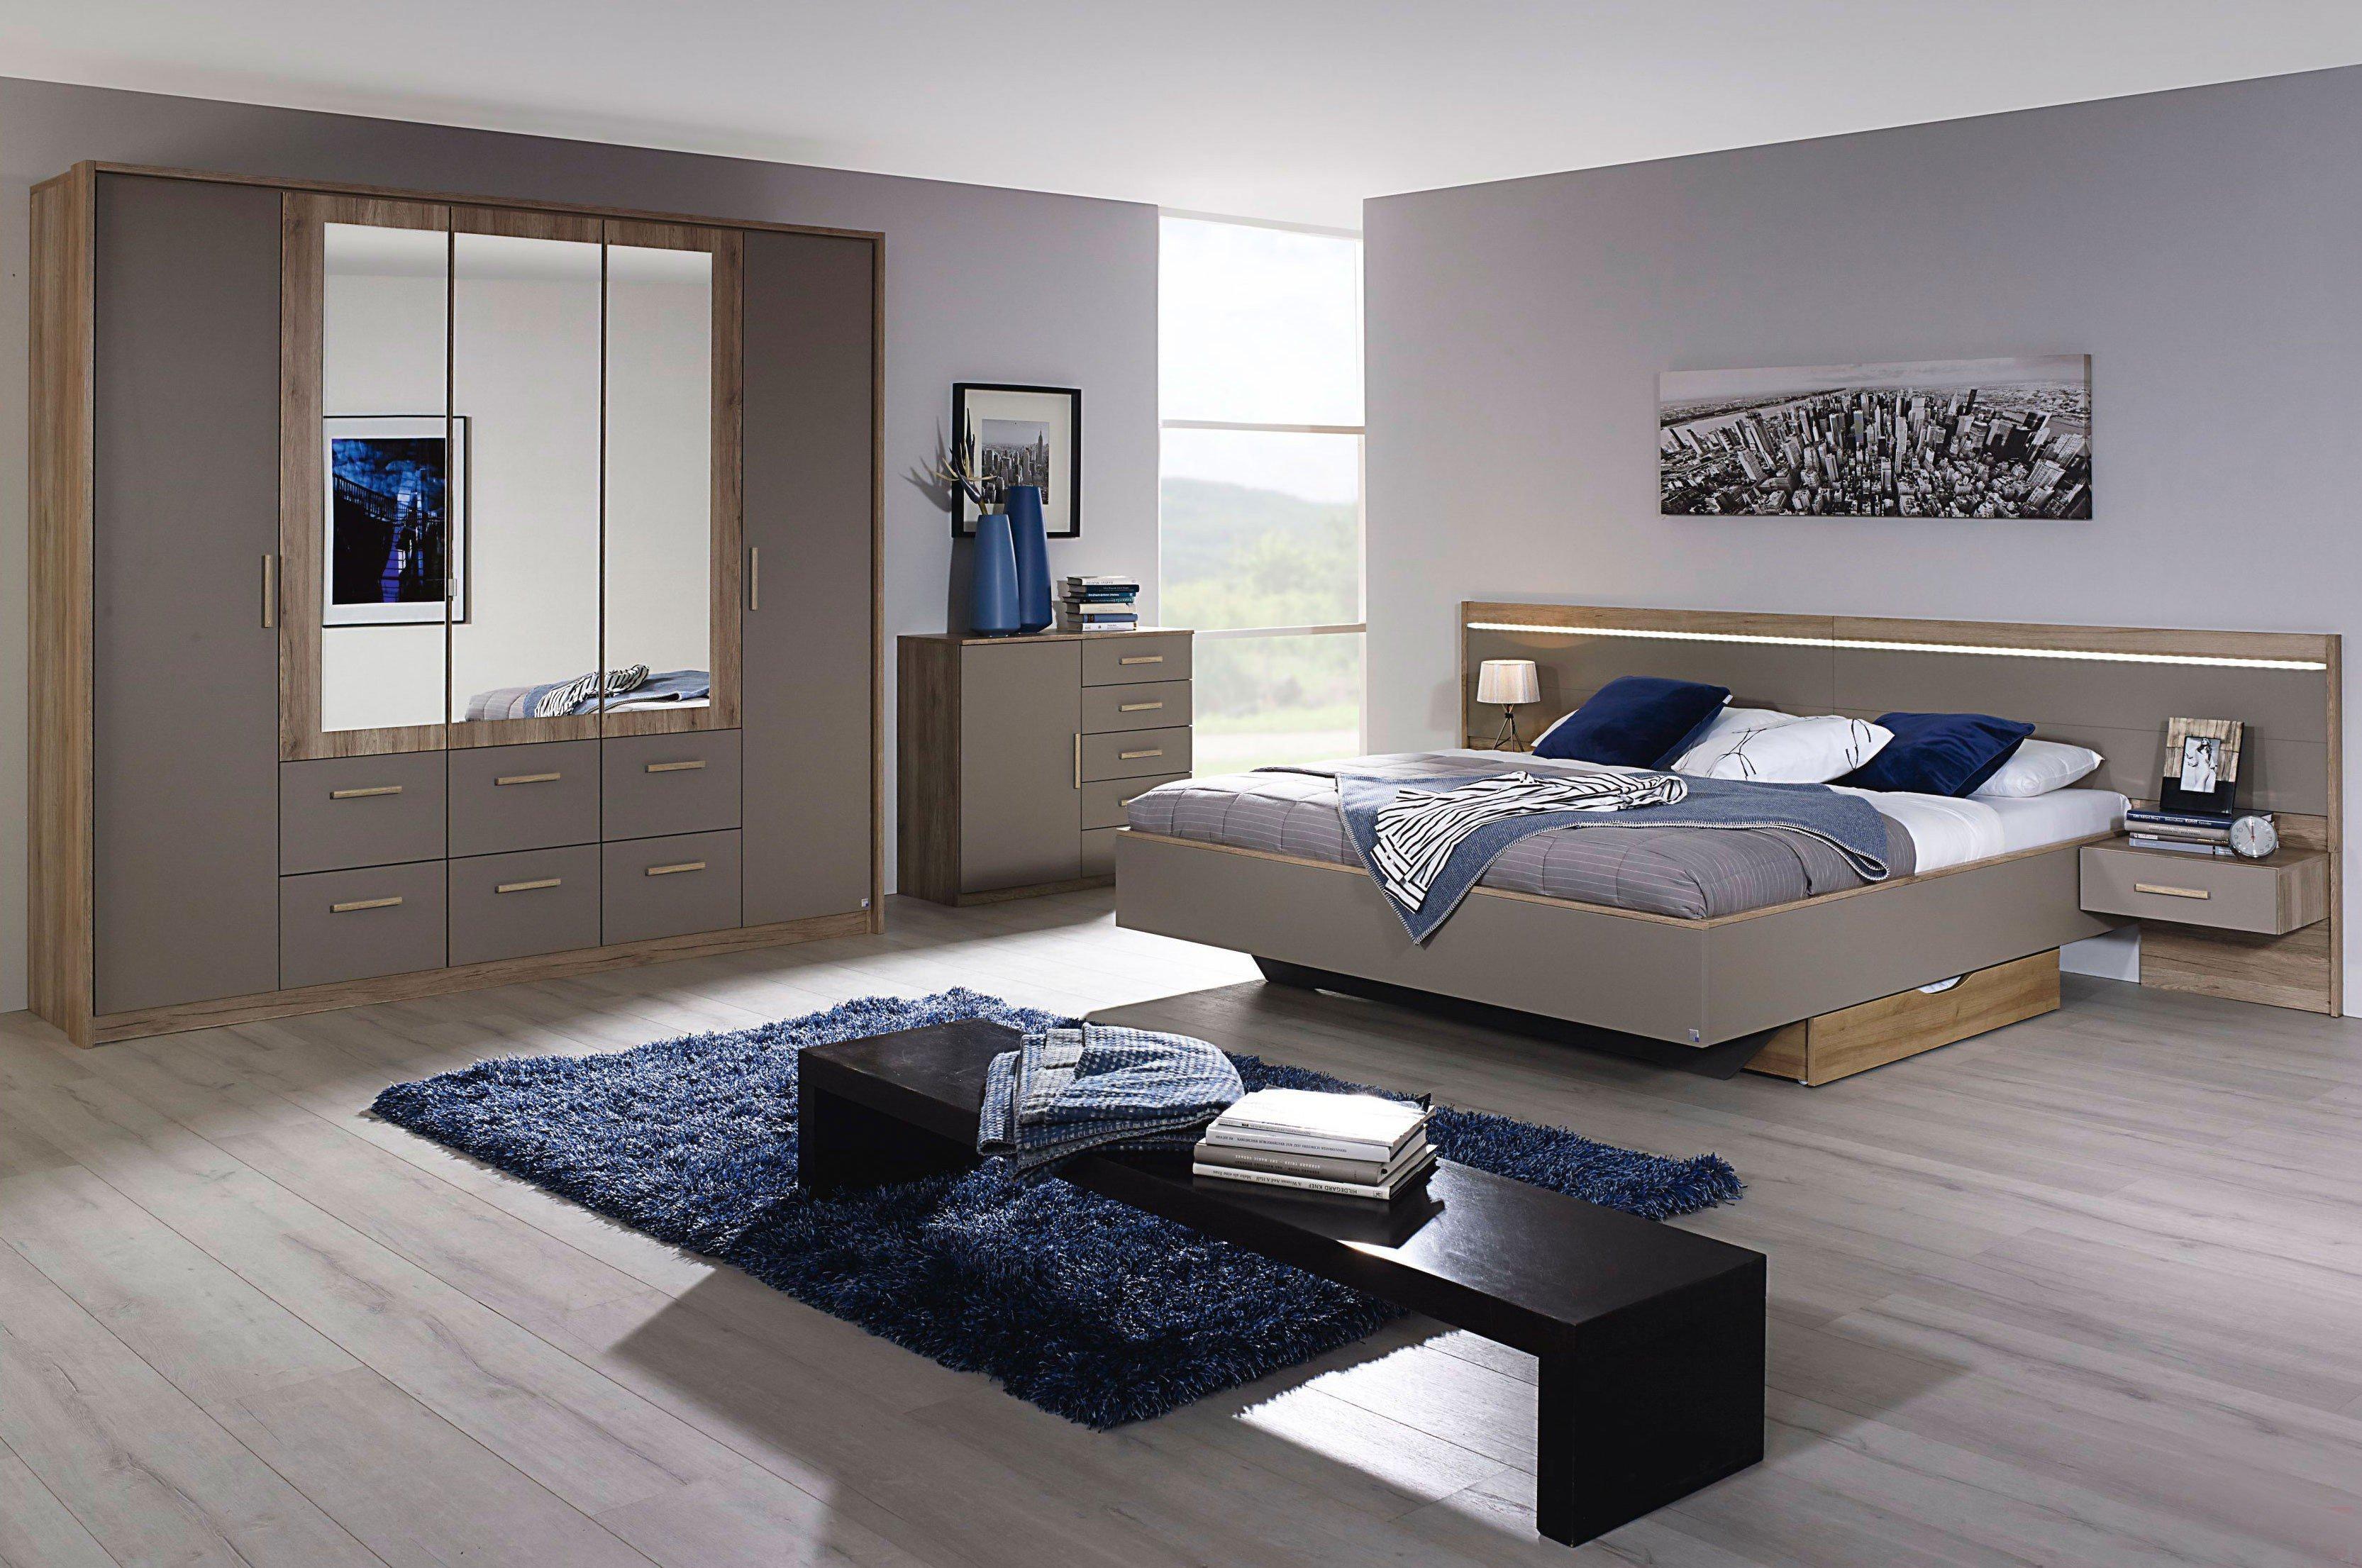 Schlafzimmer Sets Planen : Rauch ulm schlafzimmer fango eiche sanremo möbel letz ihr